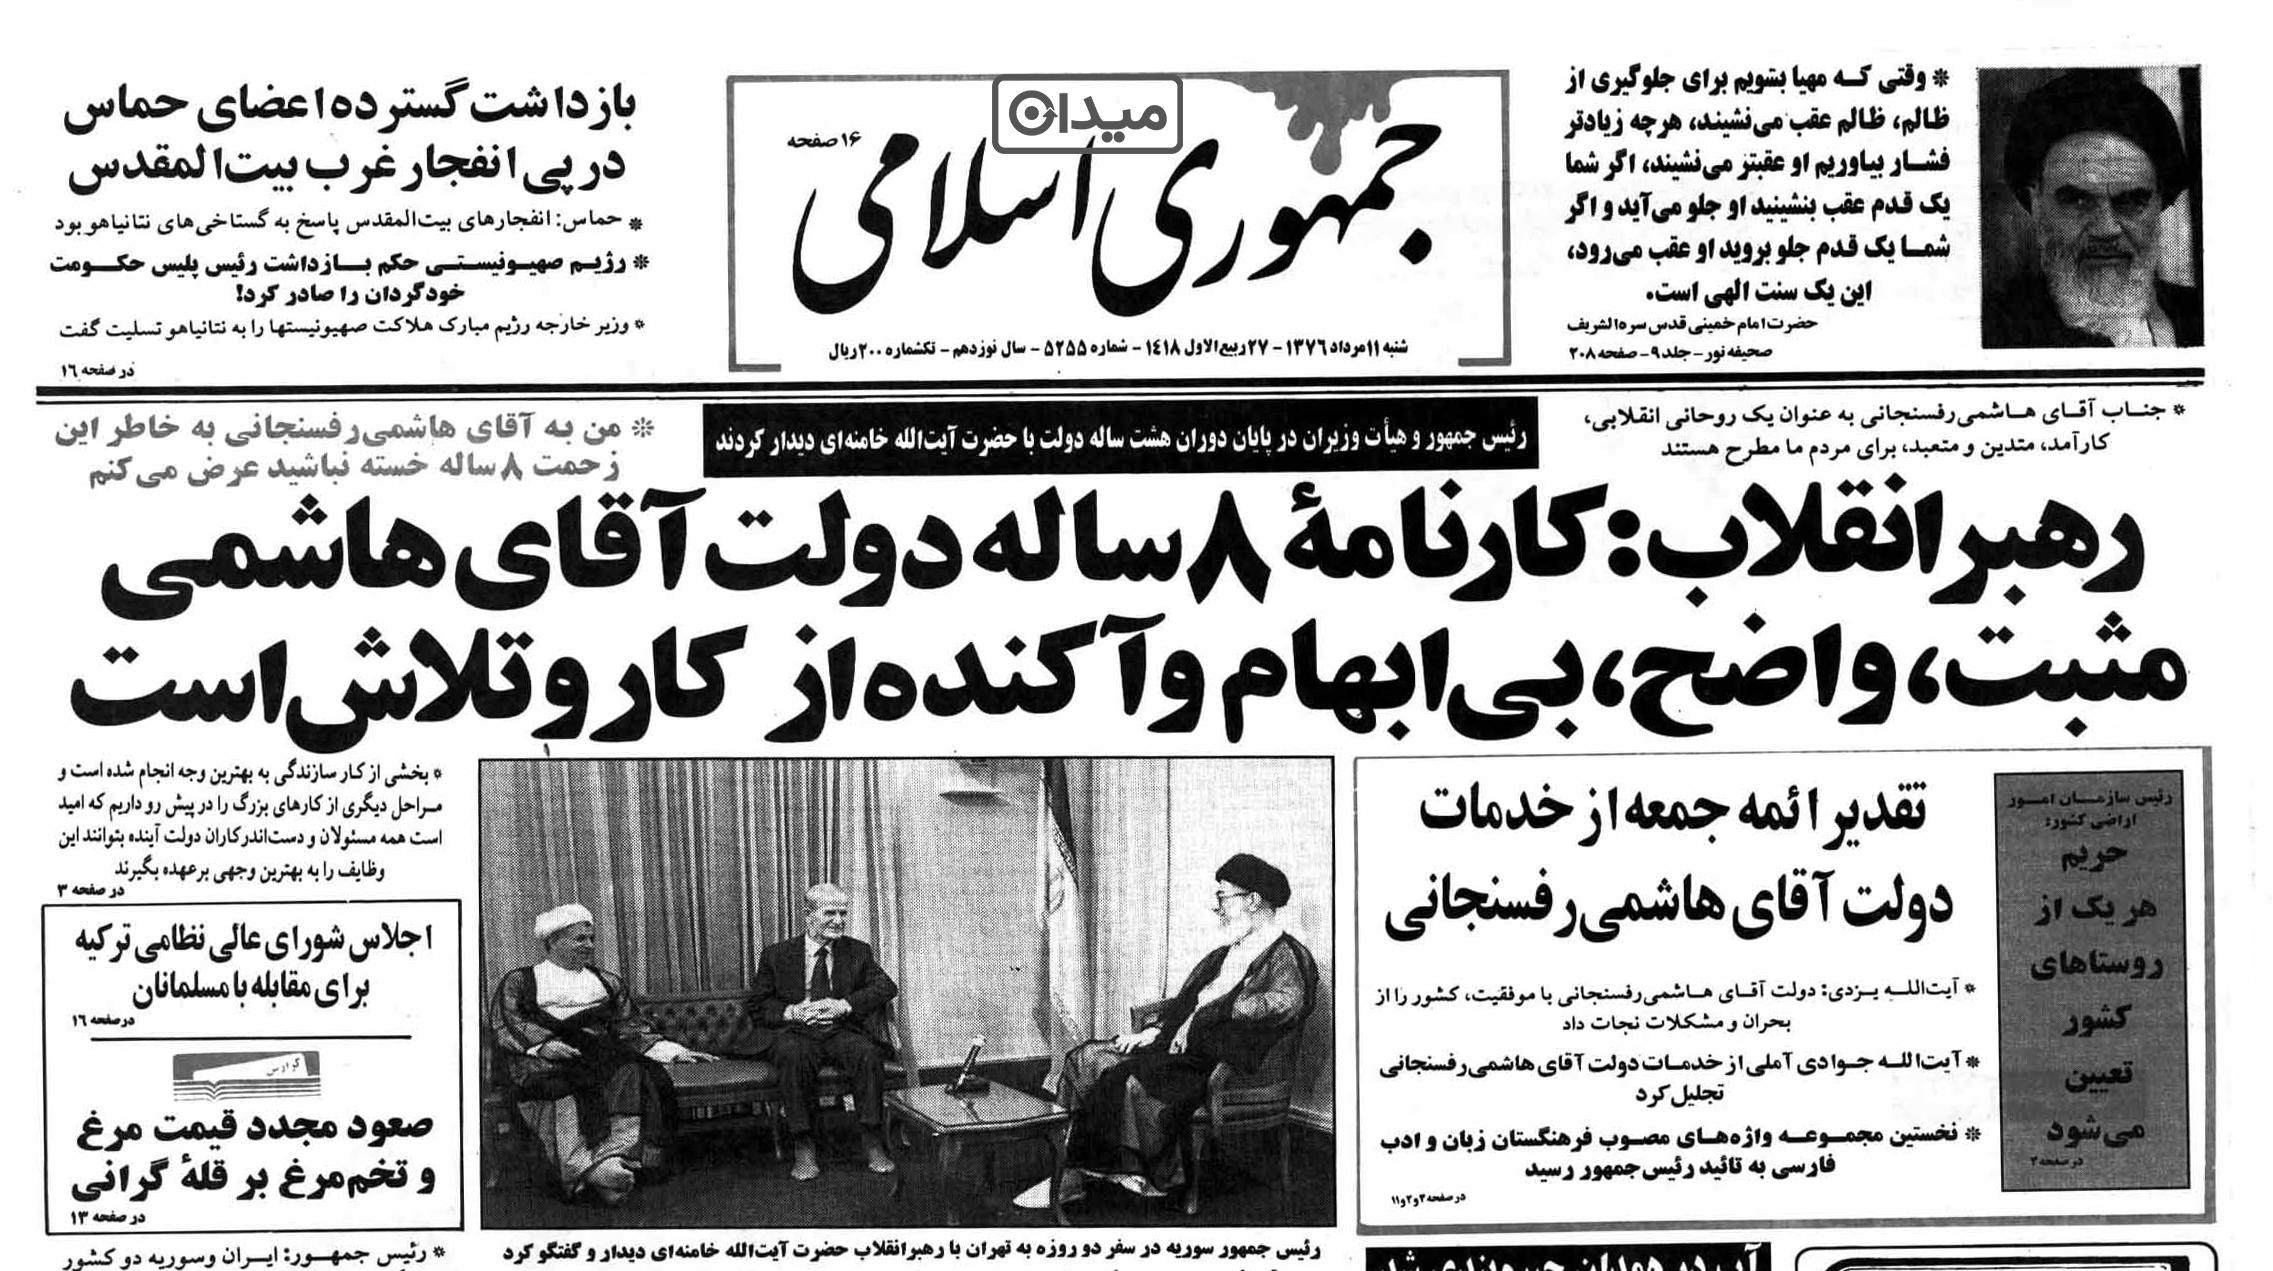 مرداد ۷۶: کارنامه ریاست جمهوری هاشمی رفسنجانی